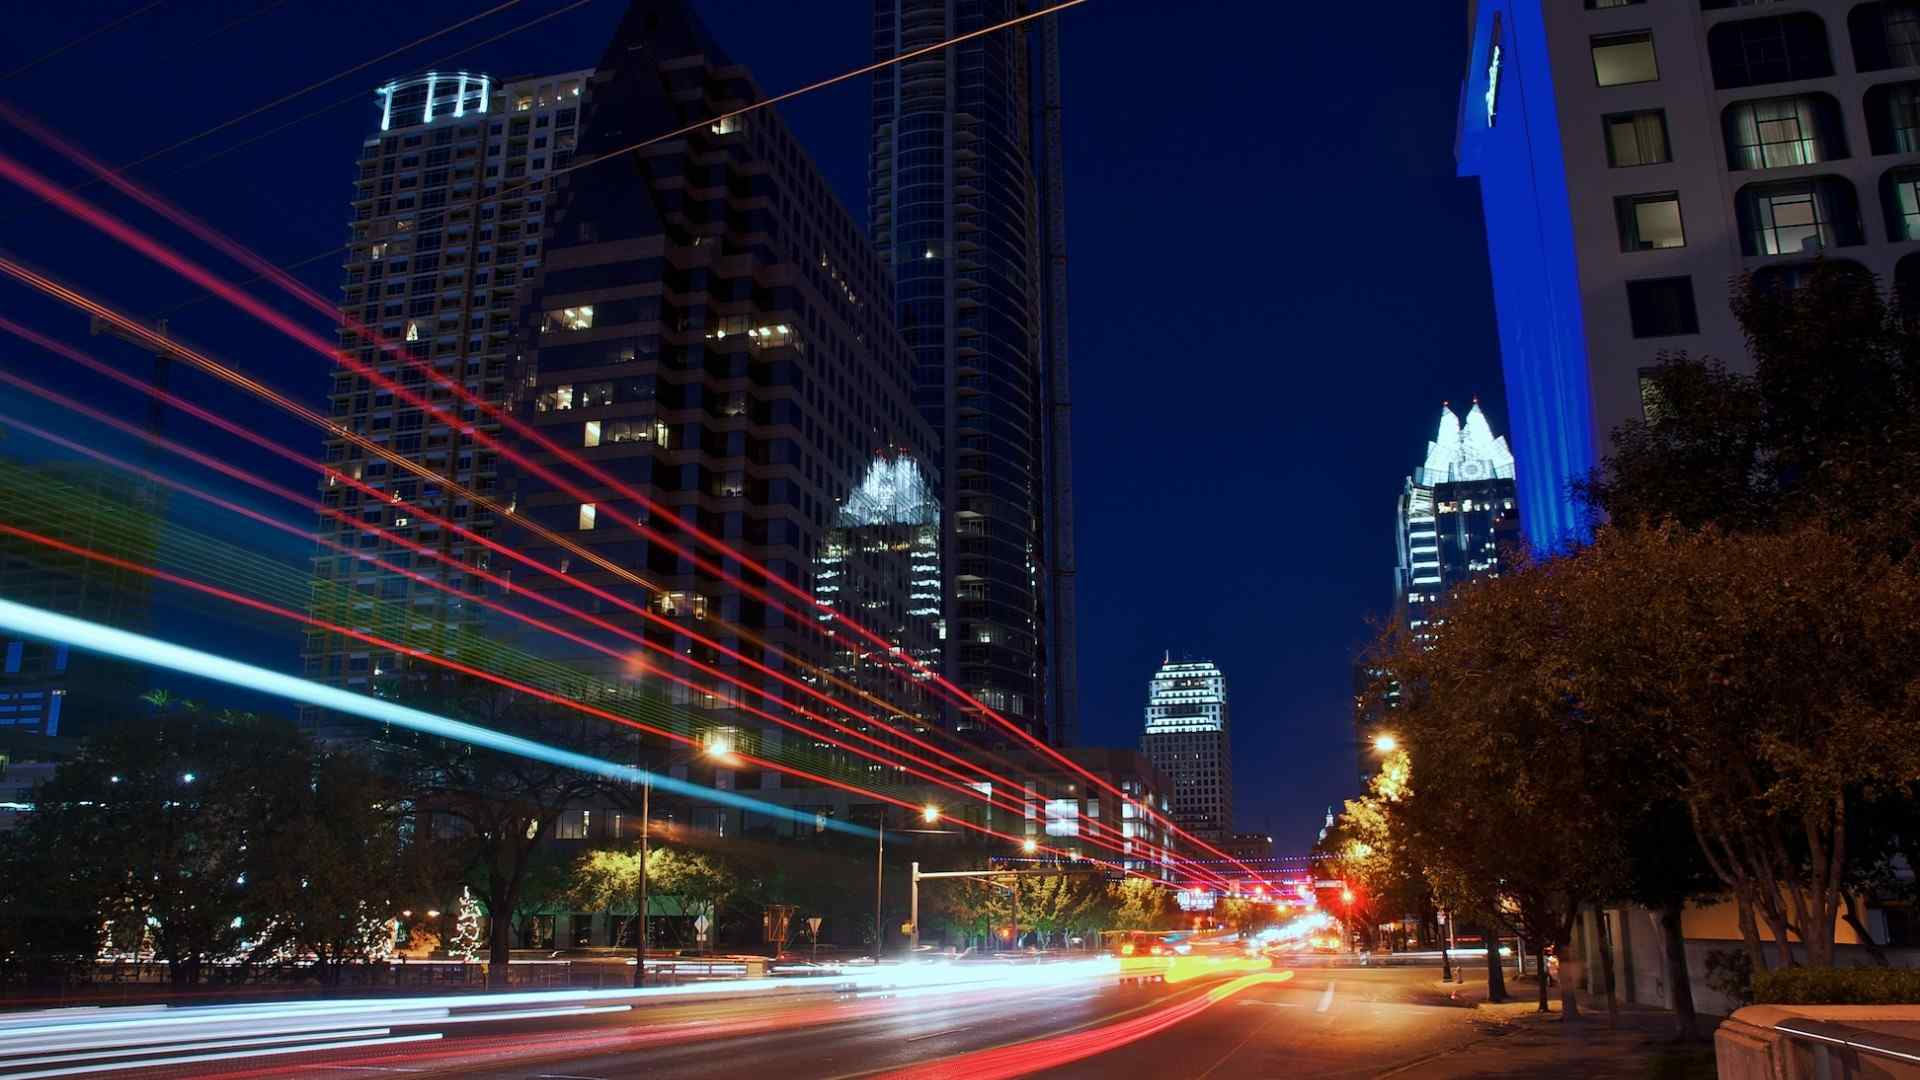 荧光都市夜景壁纸